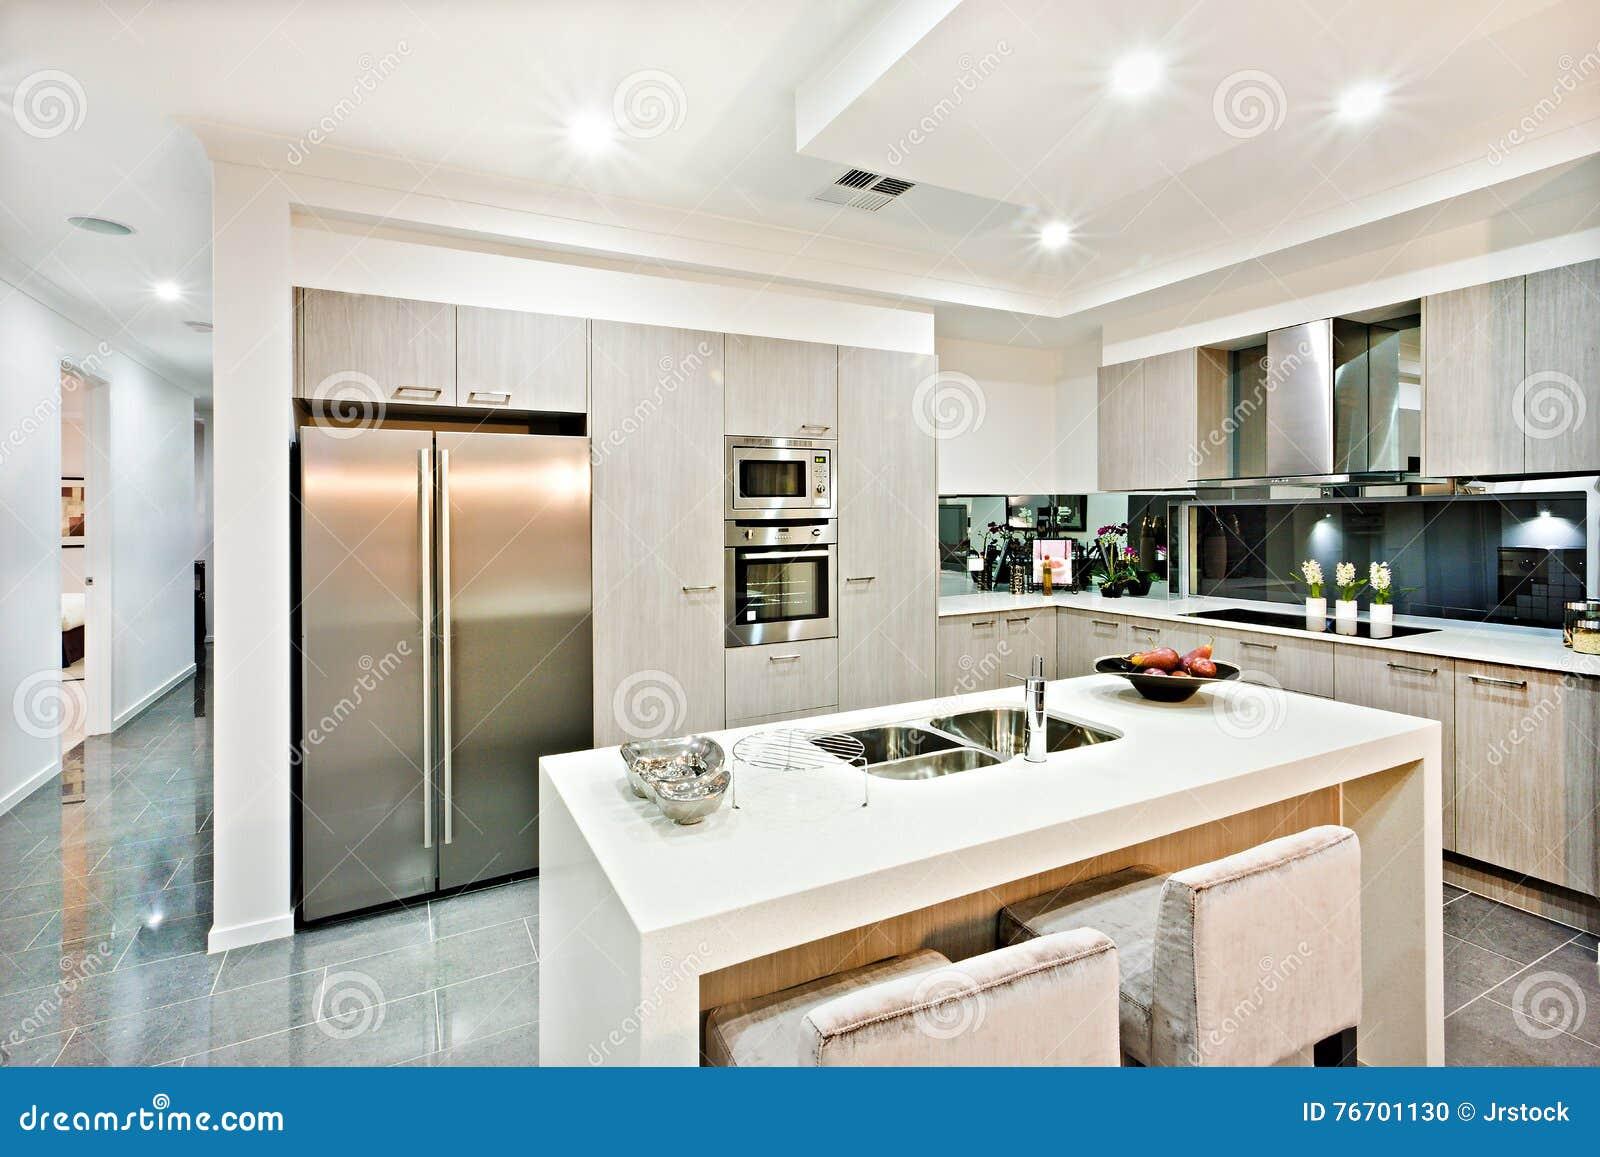 Beautiful cucina con angolo dispensa ideas ideas for Disegni della cucina con a piedi in dispensa